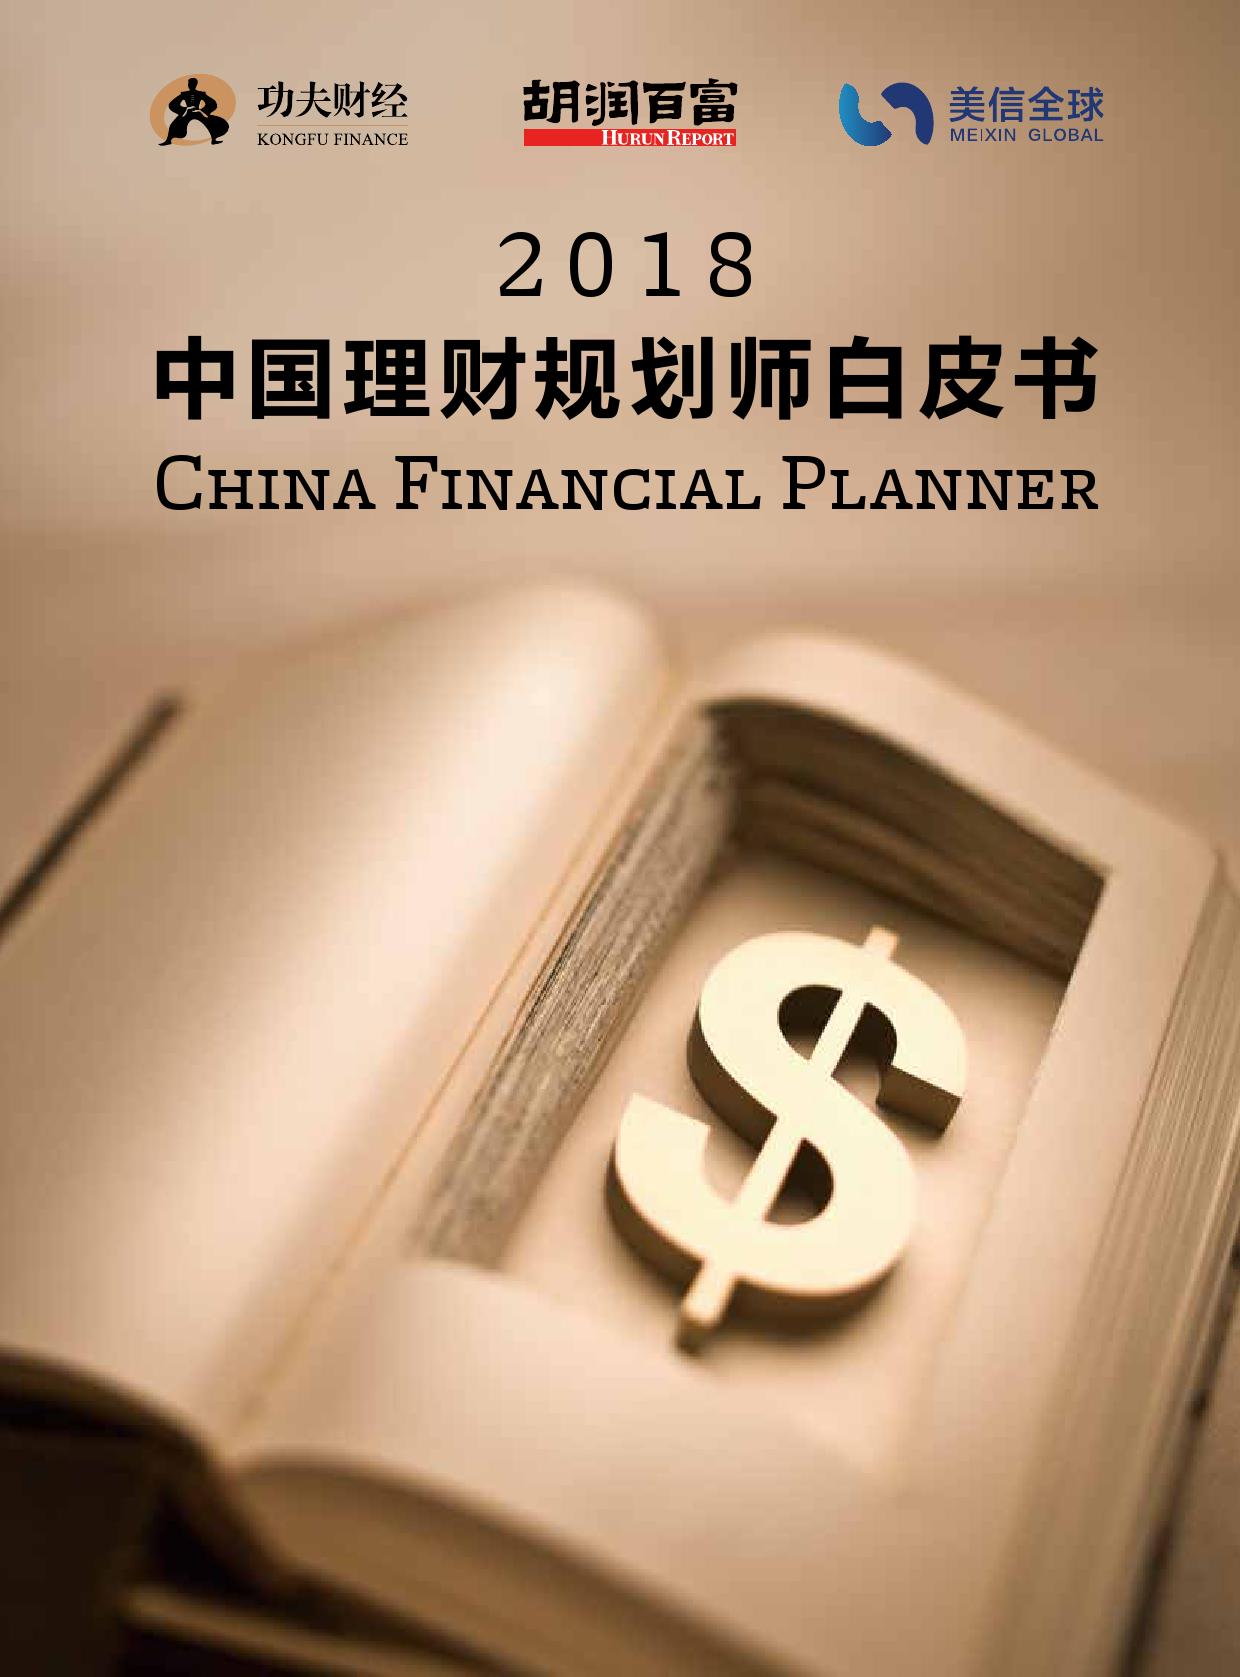 胡润研究院:2018中国理财规划师白皮书(附下载)